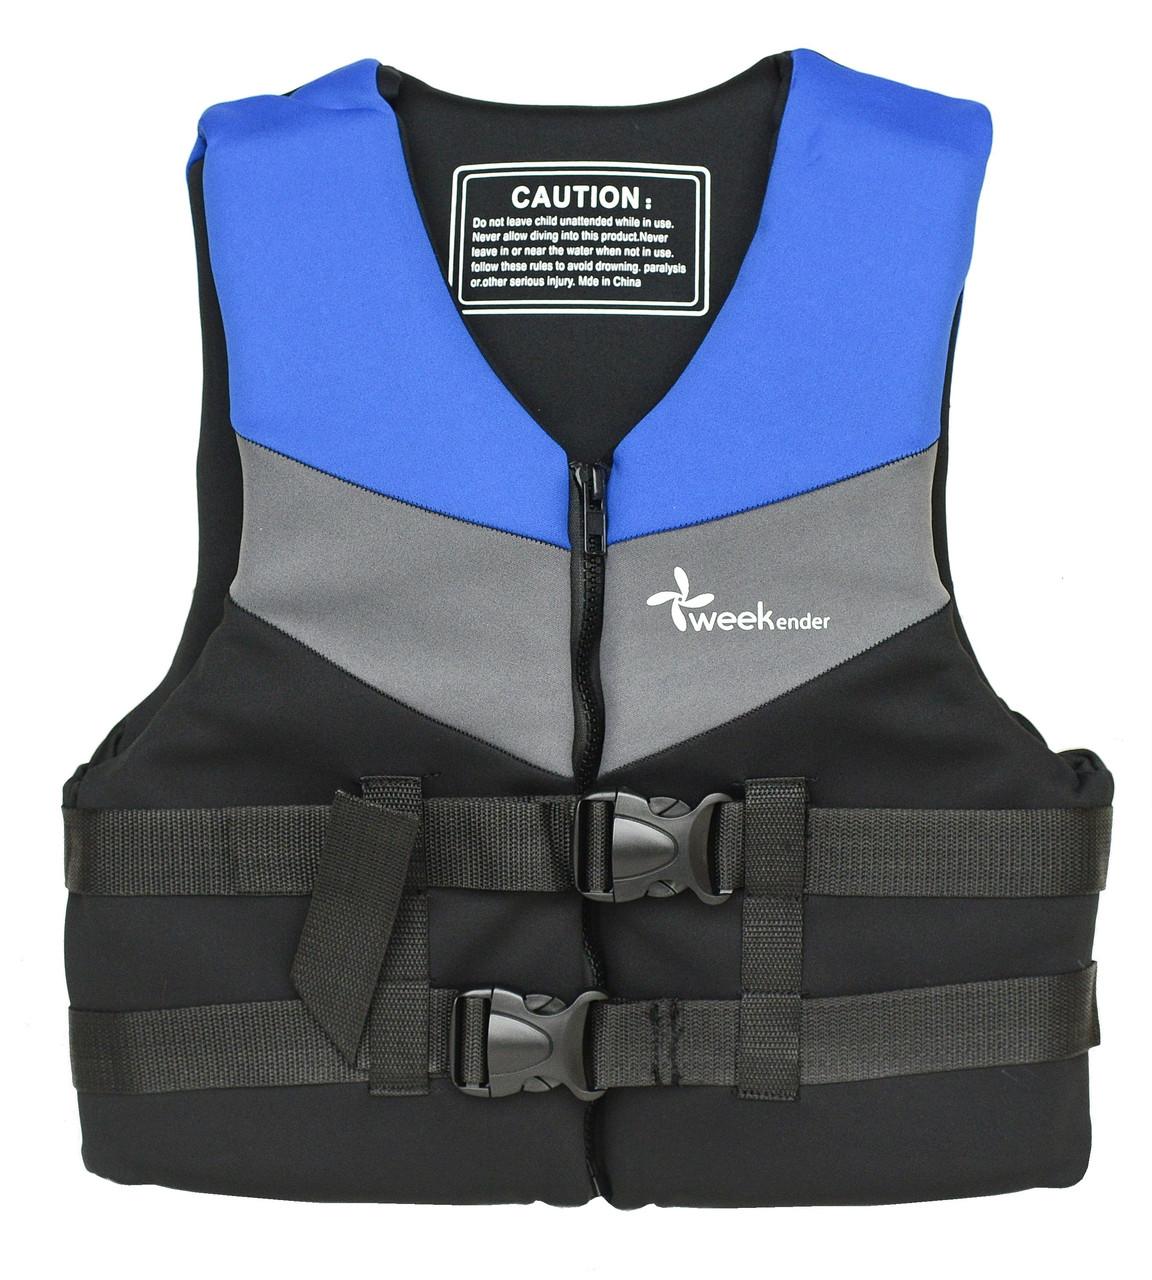 Спасательный жилет водный S неопрен YW1101 для лодки, катера, яхты